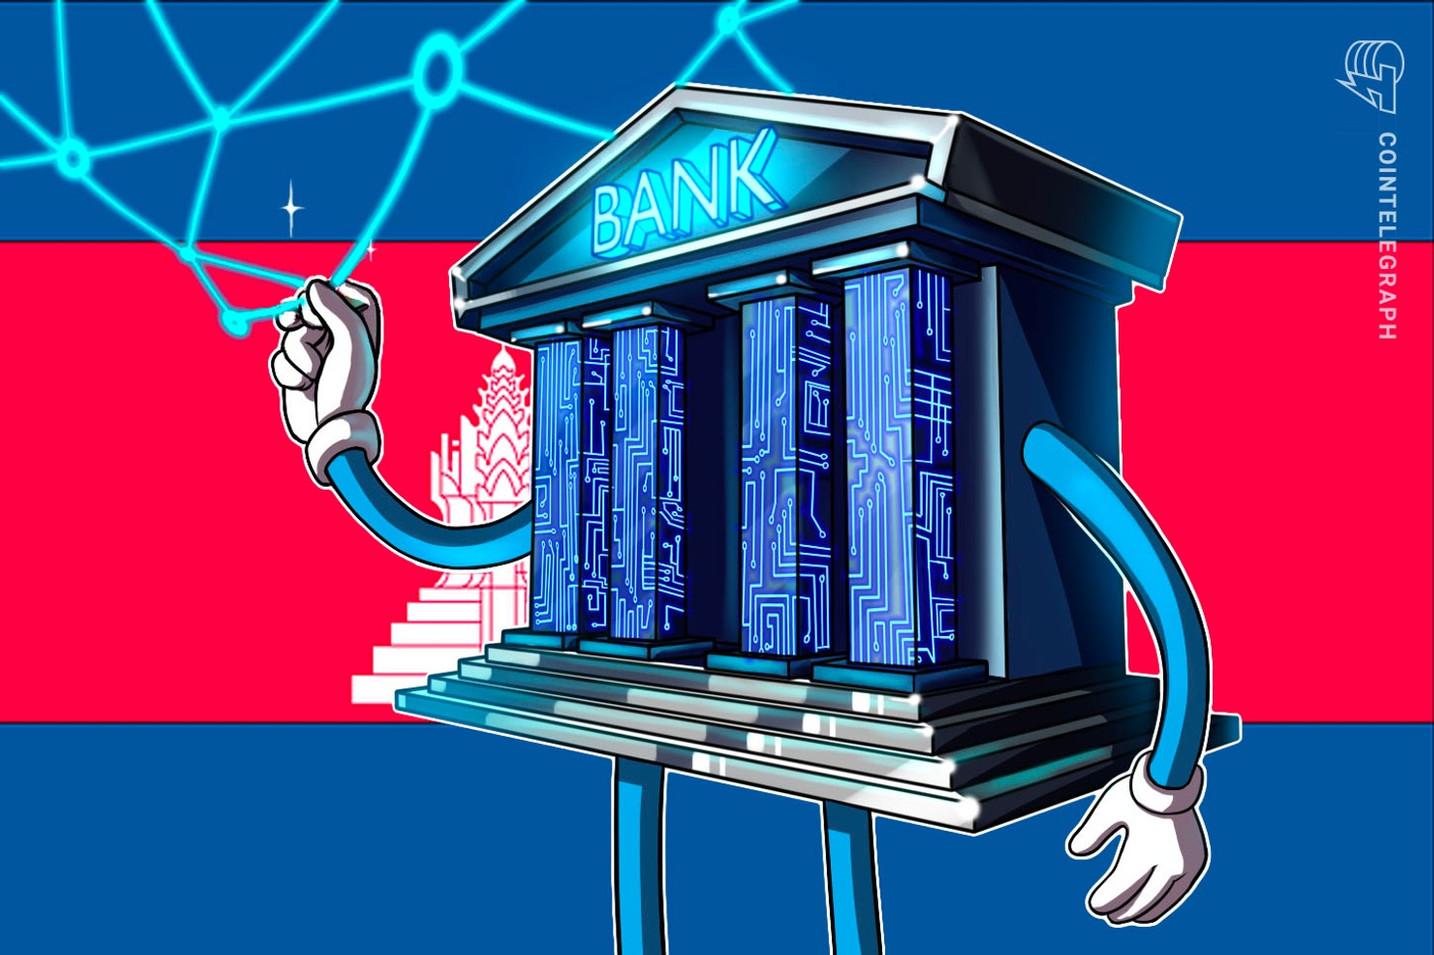 カンボジア中銀のデジタル決済システム「バコン」来年にも正式運用|日本企業が支援【ニュース】